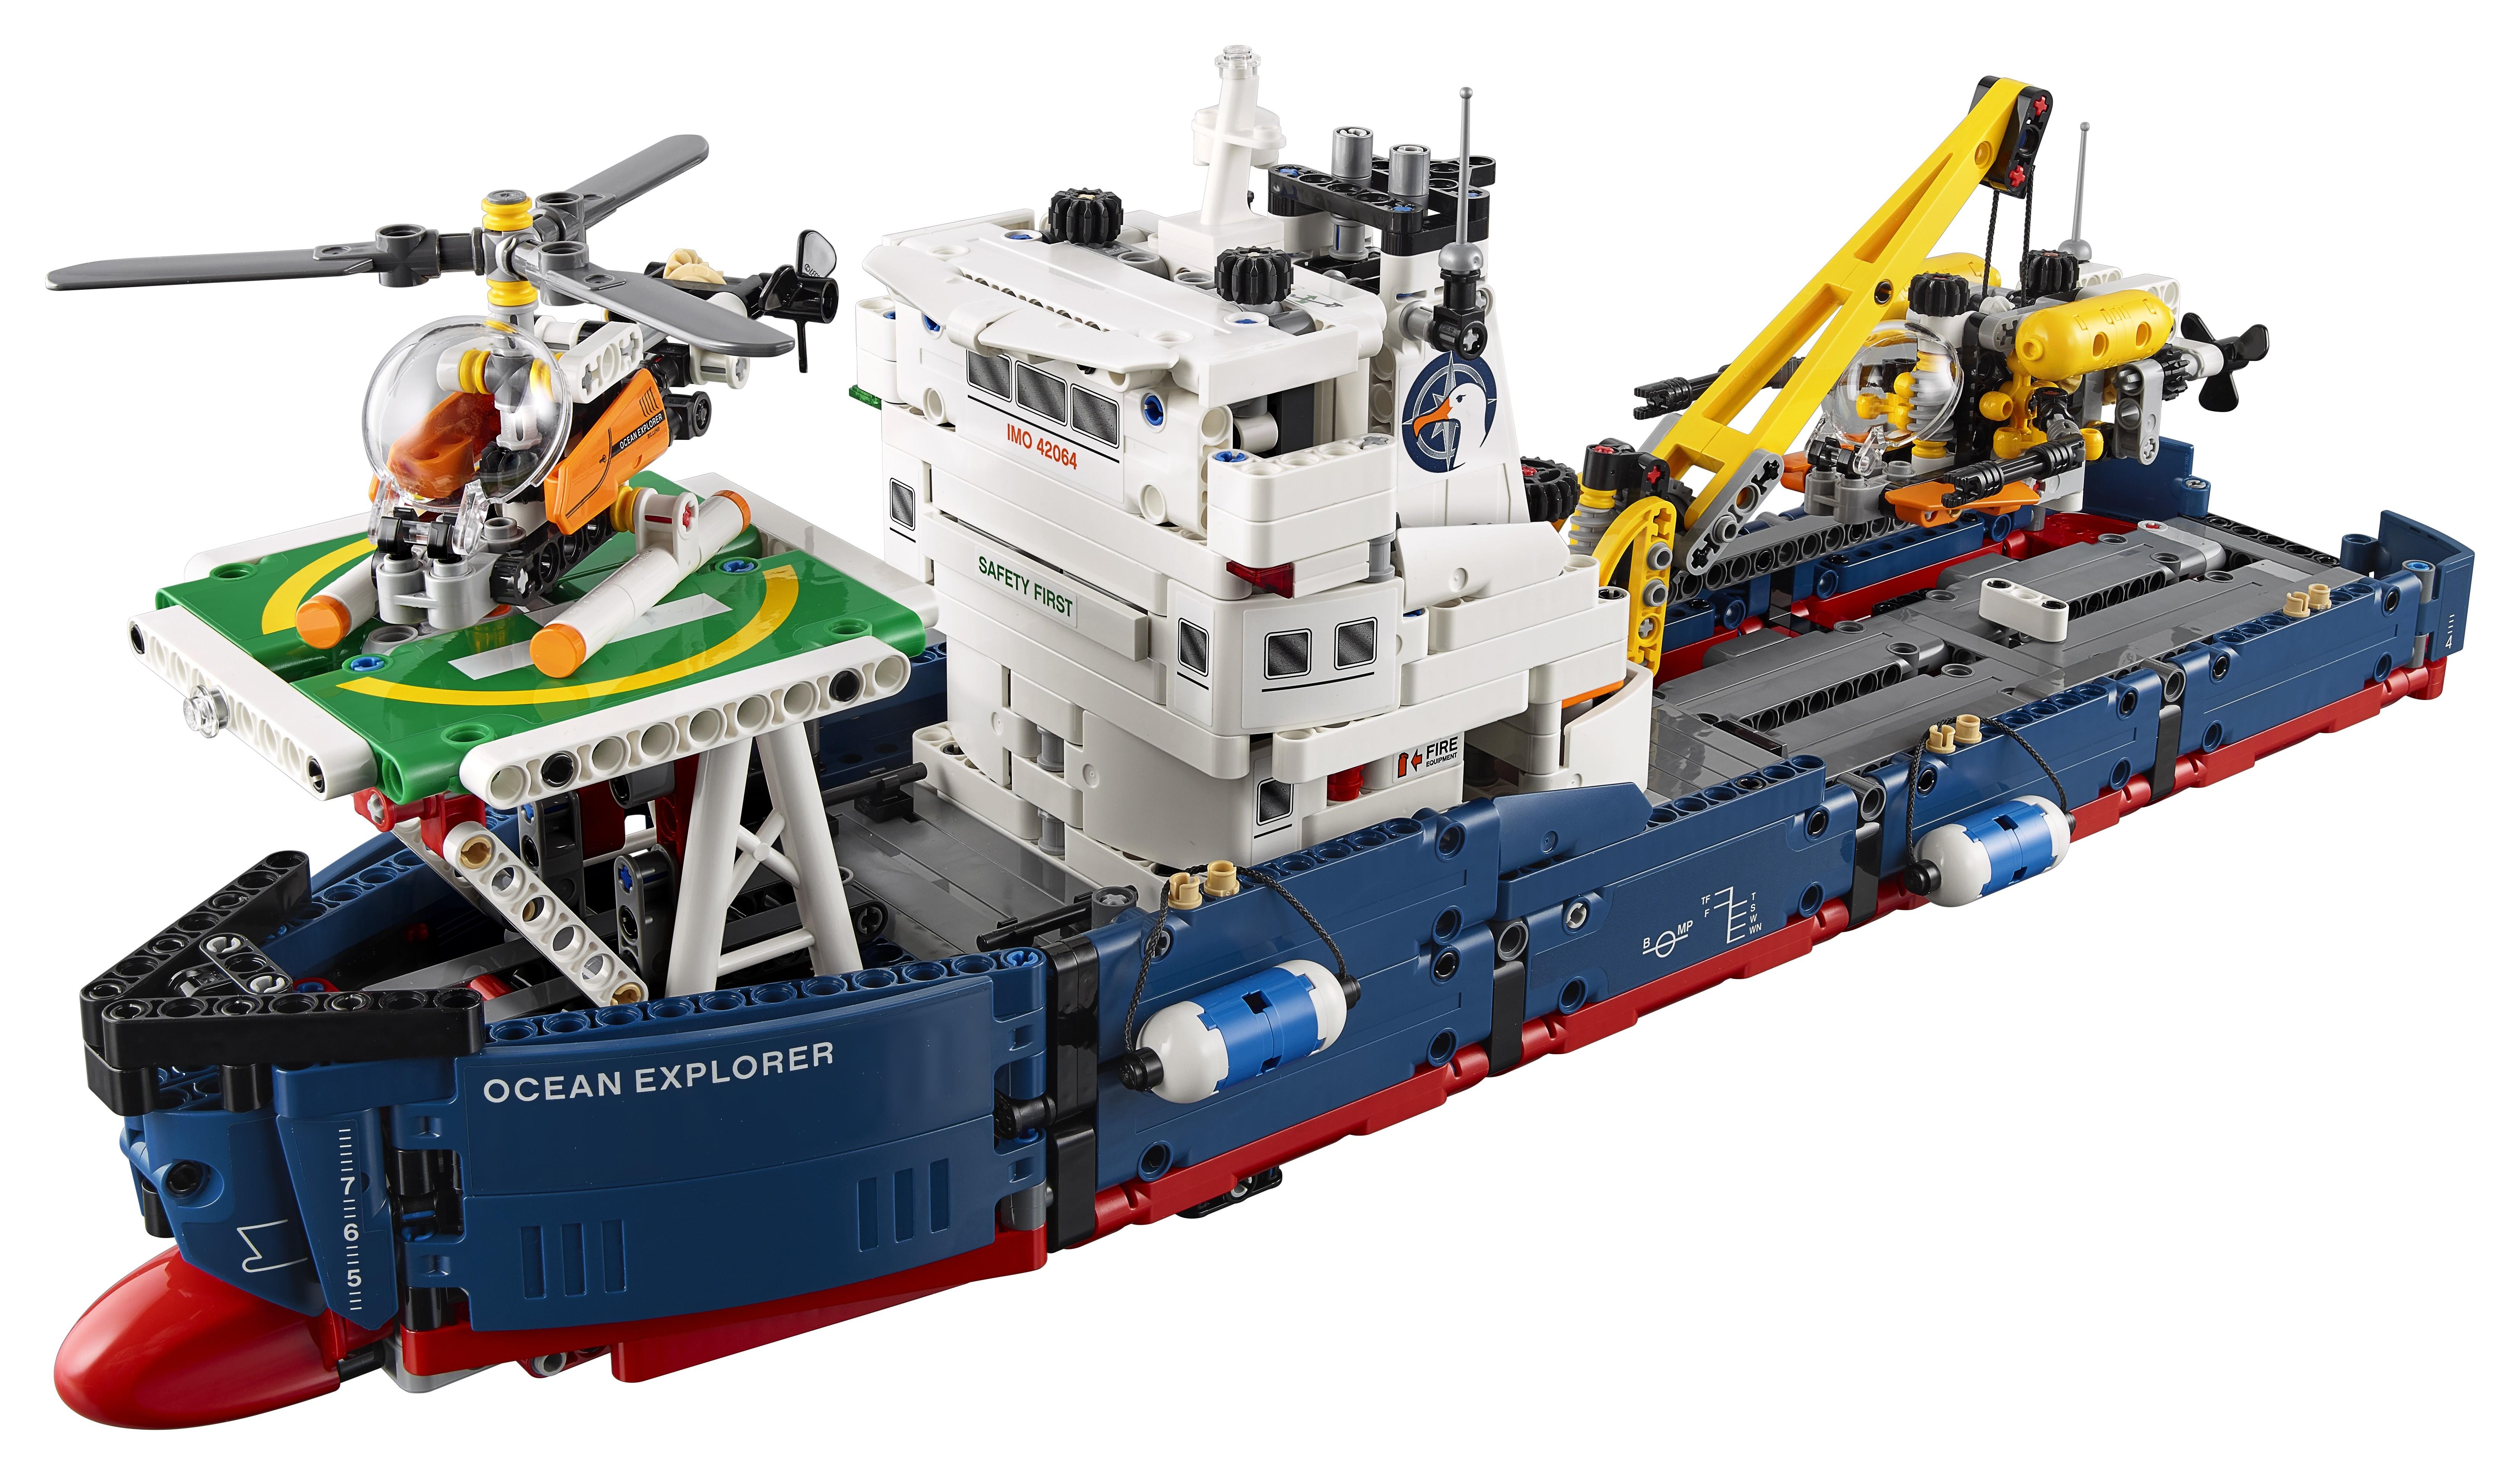 Купить Конструктор, Technic 42064 Исследователь океана, 1шт., LEGO 42064, Дания